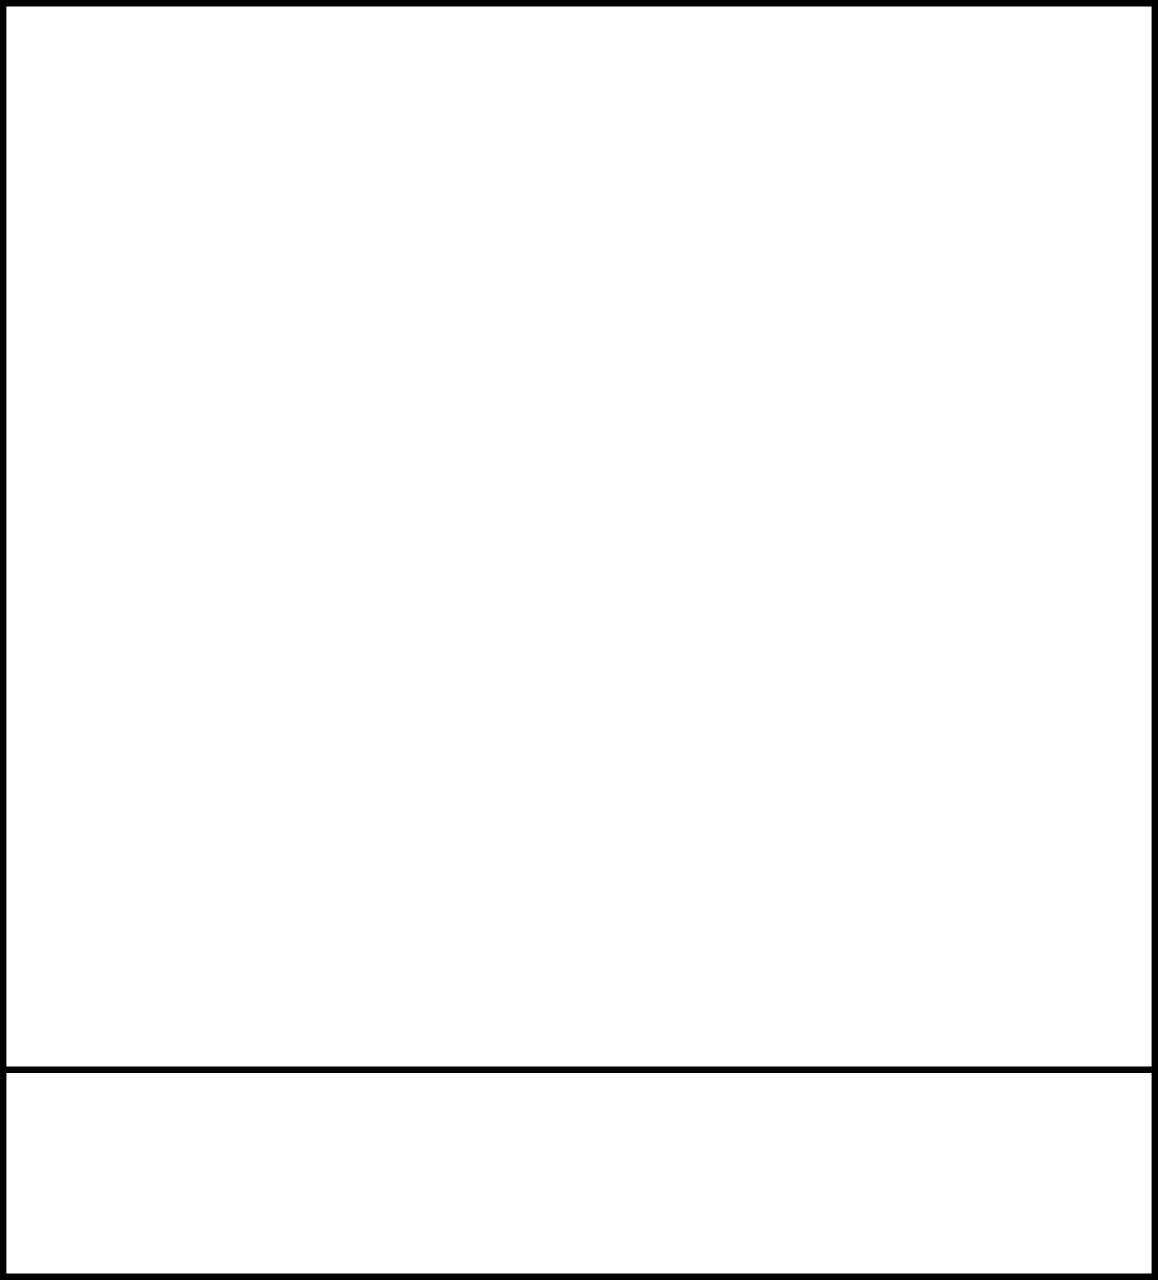 Eine quadratische Comic-Vorlage mit einem Panel.